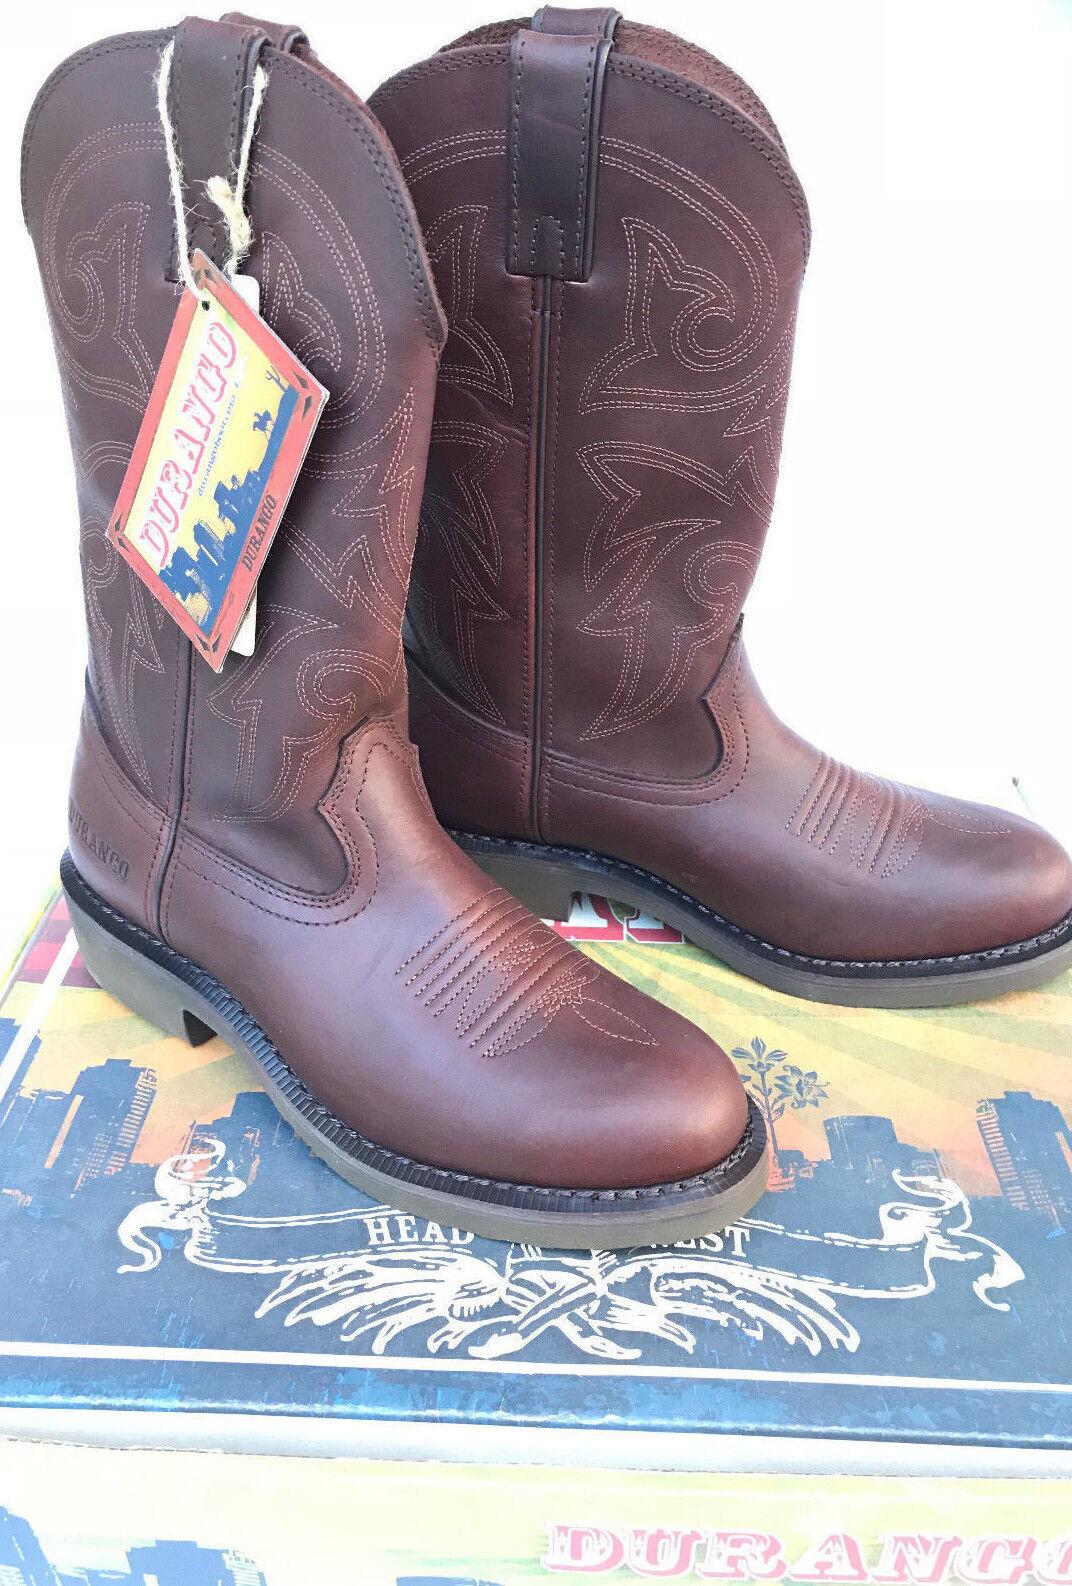 Durango Farm n Rancho FR104 Marrón Cuero Trabajo occidental botas de vaquero para hombre 7.5 D